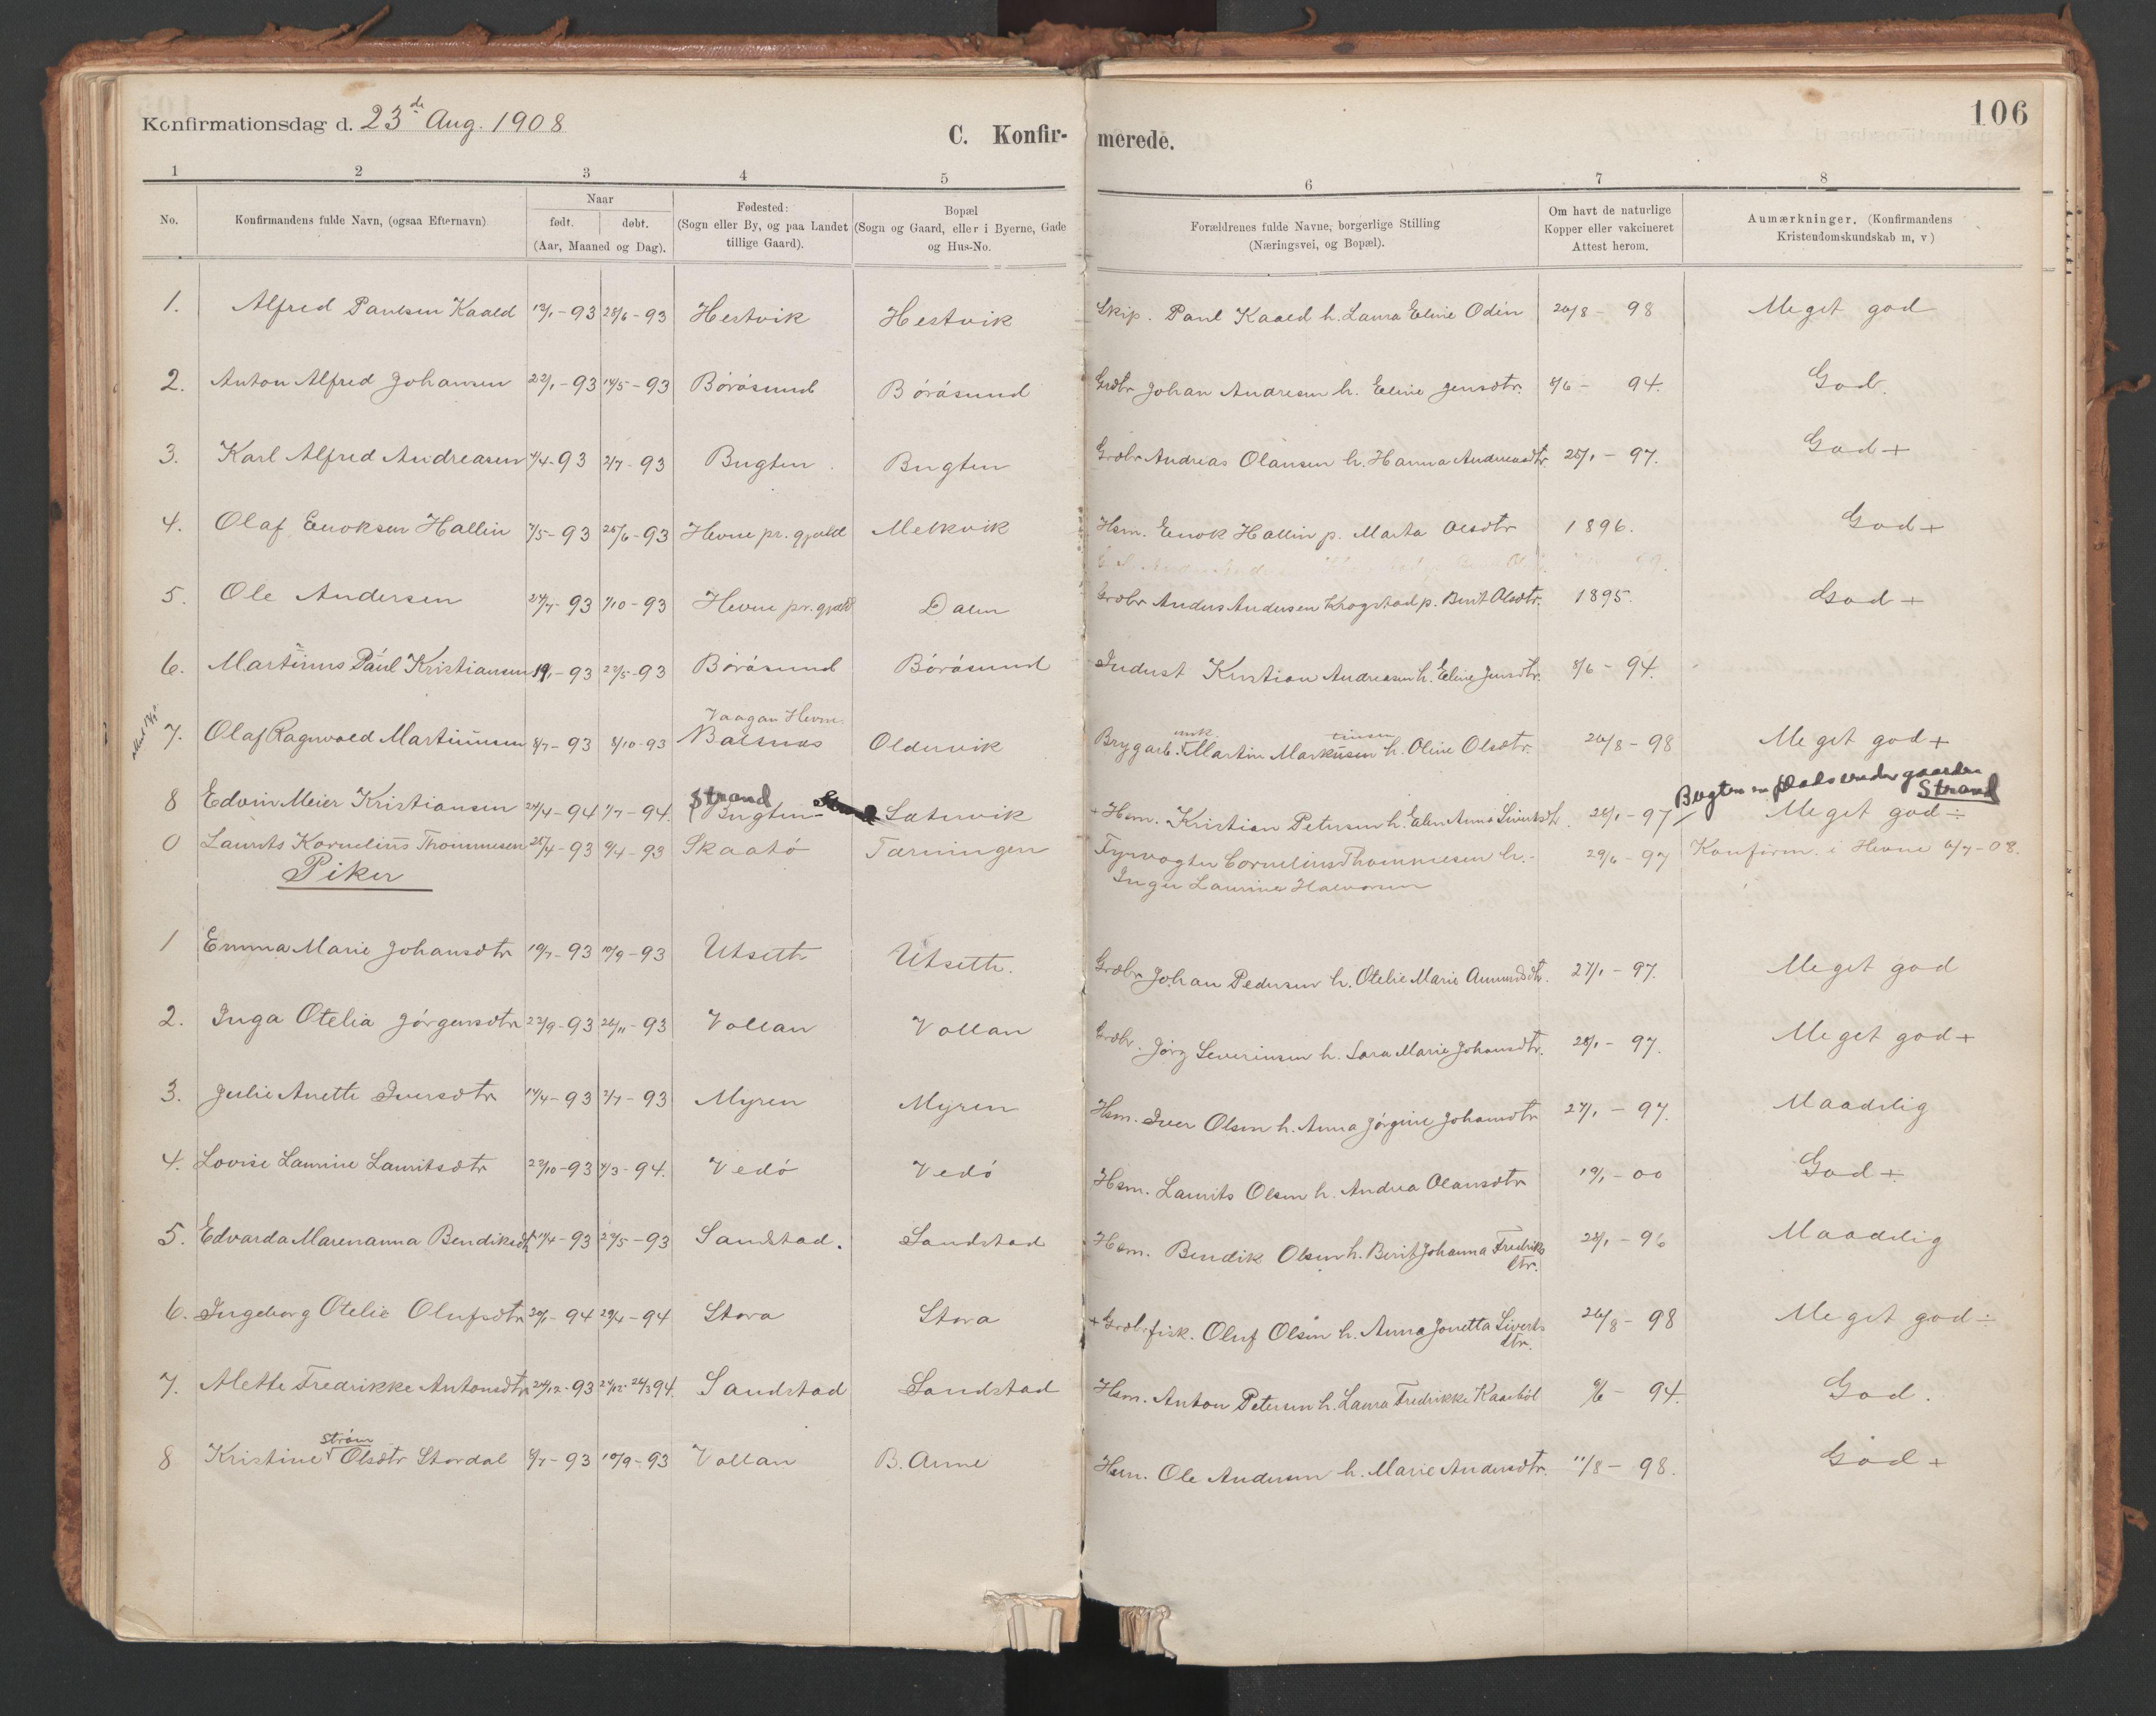 SAT, Ministerialprotokoller, klokkerbøker og fødselsregistre - Sør-Trøndelag, 639/L0572: Ministerialbok nr. 639A01, 1890-1920, s. 106